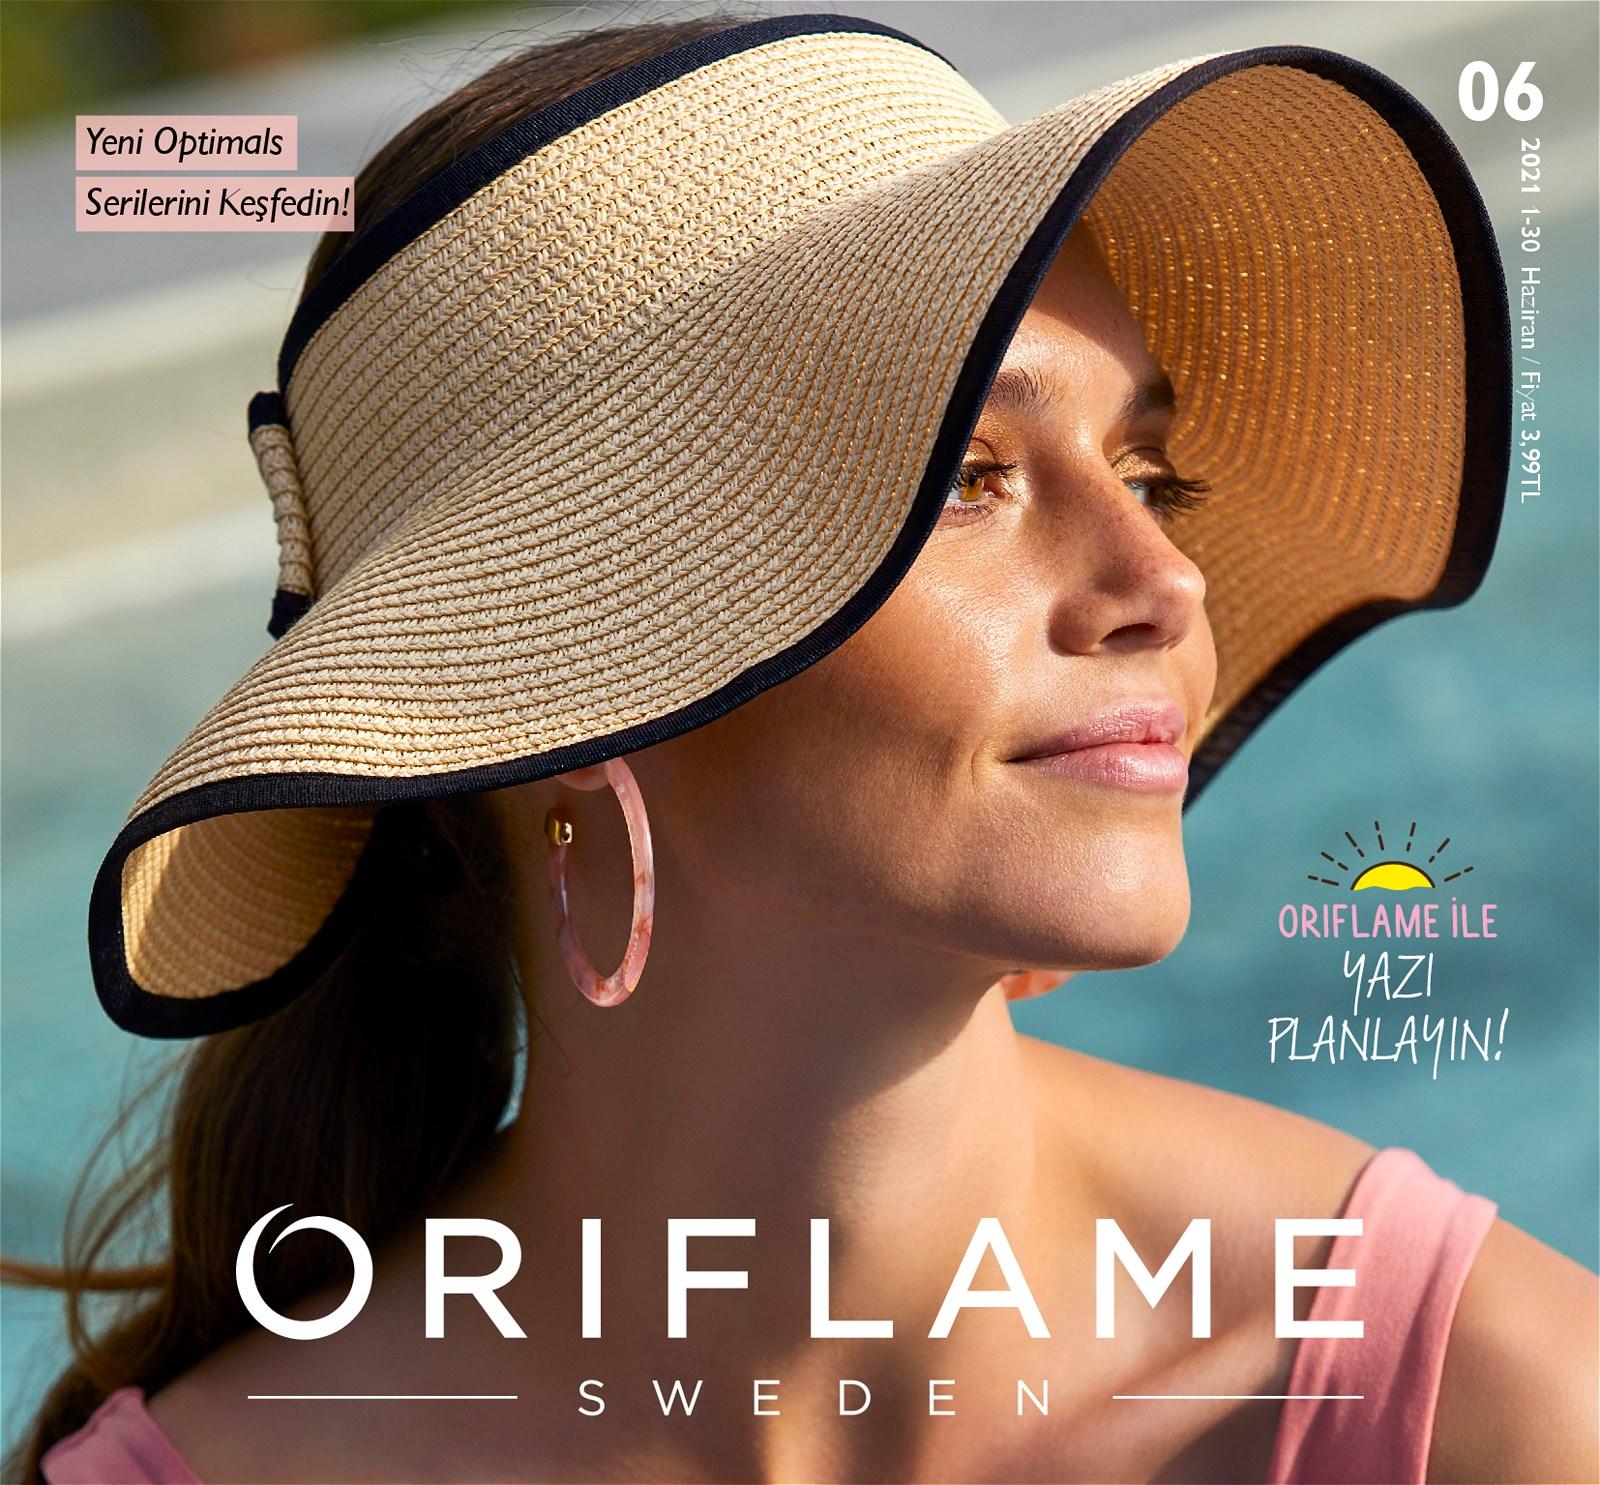 01.06.2021 Oriflame broşürü 1. sayfa